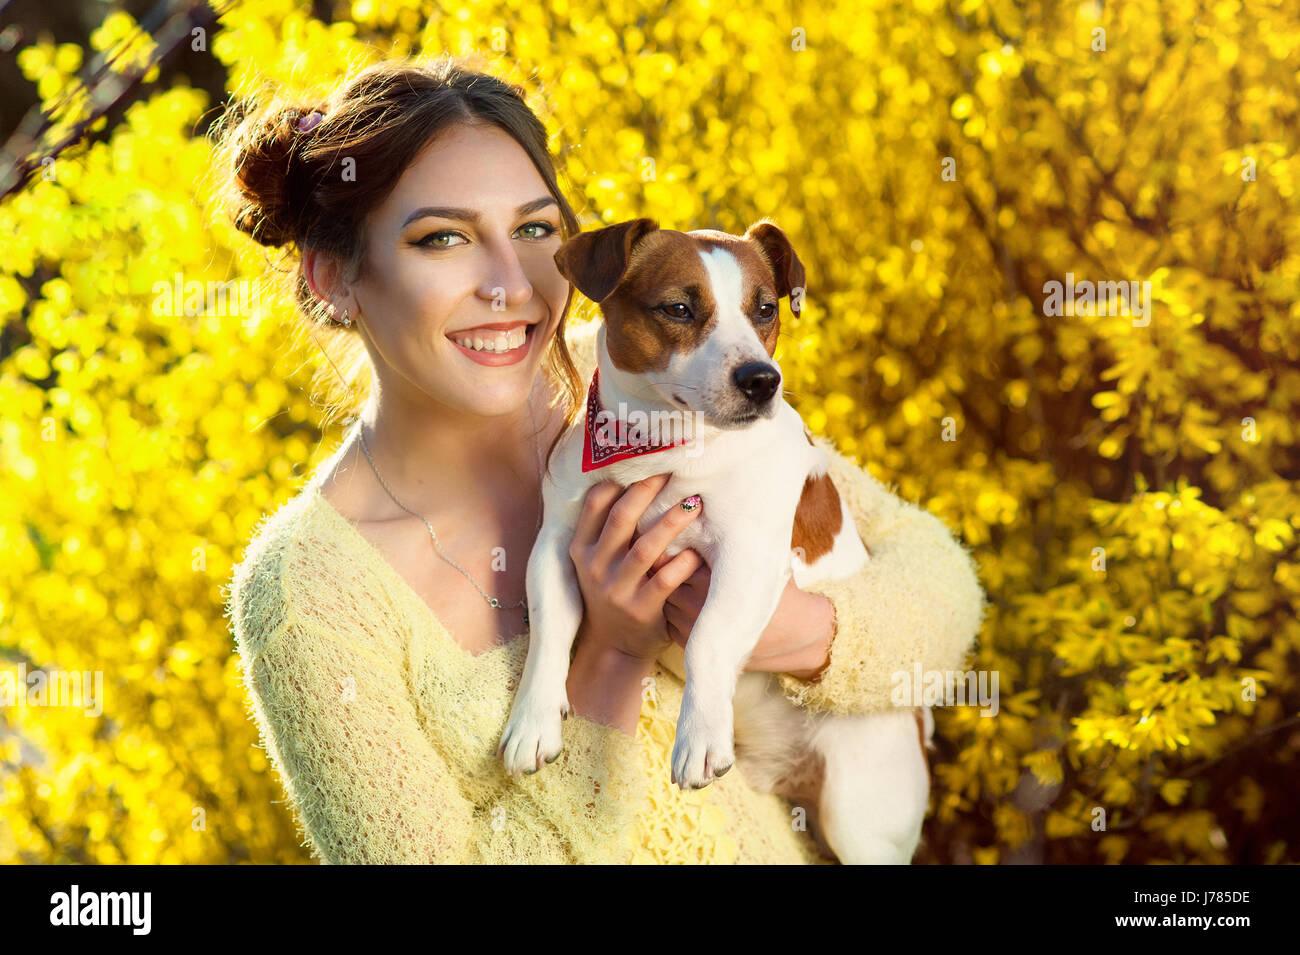 Bella mujer jugando con su perro. La serie de retratos al aire libre. Foto de stock